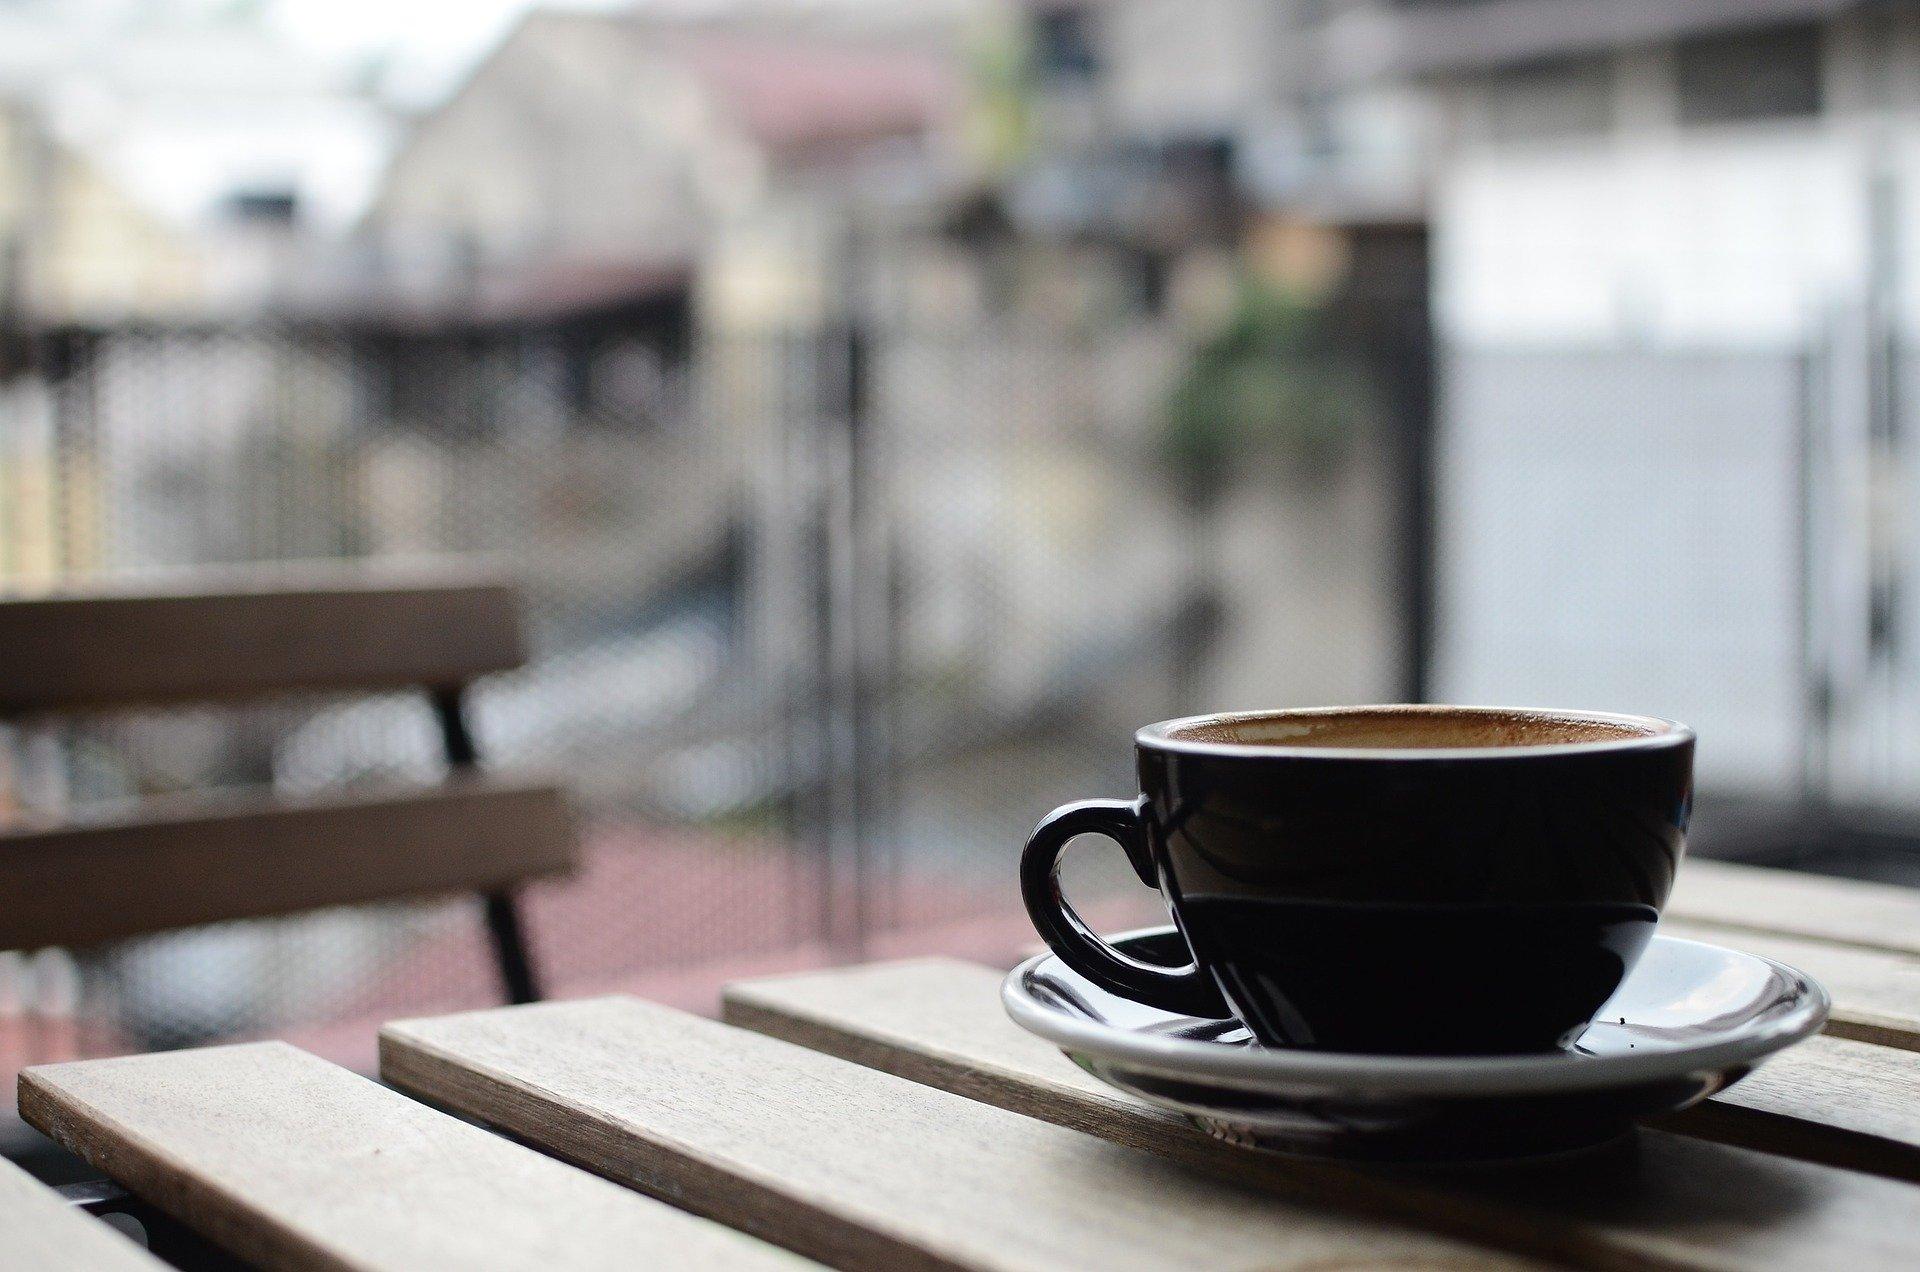 食後にコーヒーを飲む